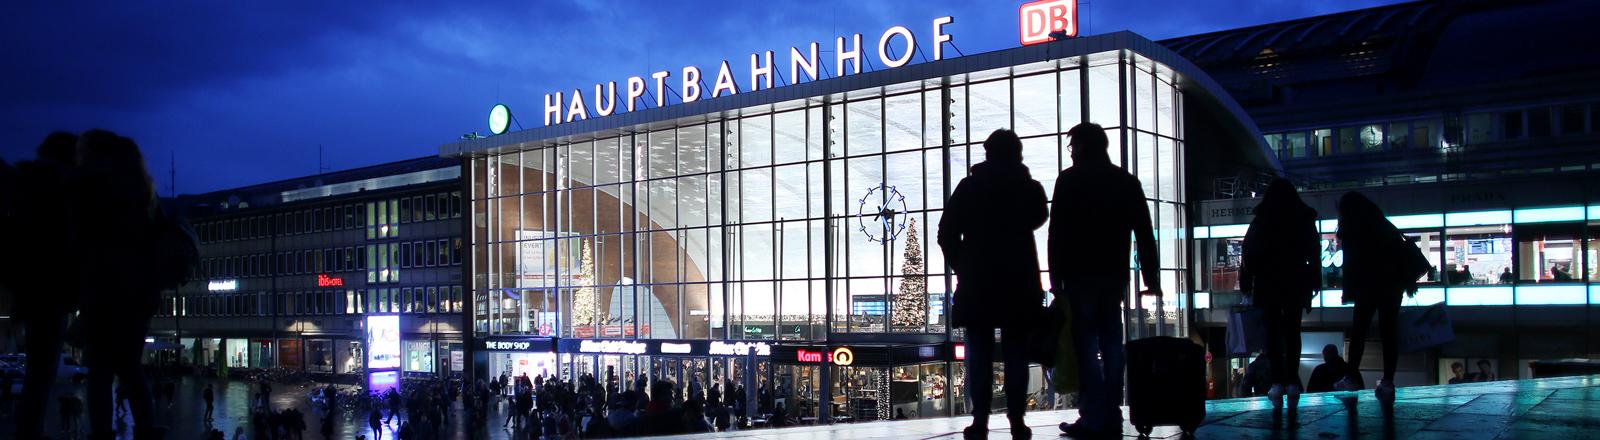 Reisende gehen am 05.01.2016 am abendlich beleuchteten Hauptbahnhof in Köln (Nordrhein-Westfalen) vorbei.